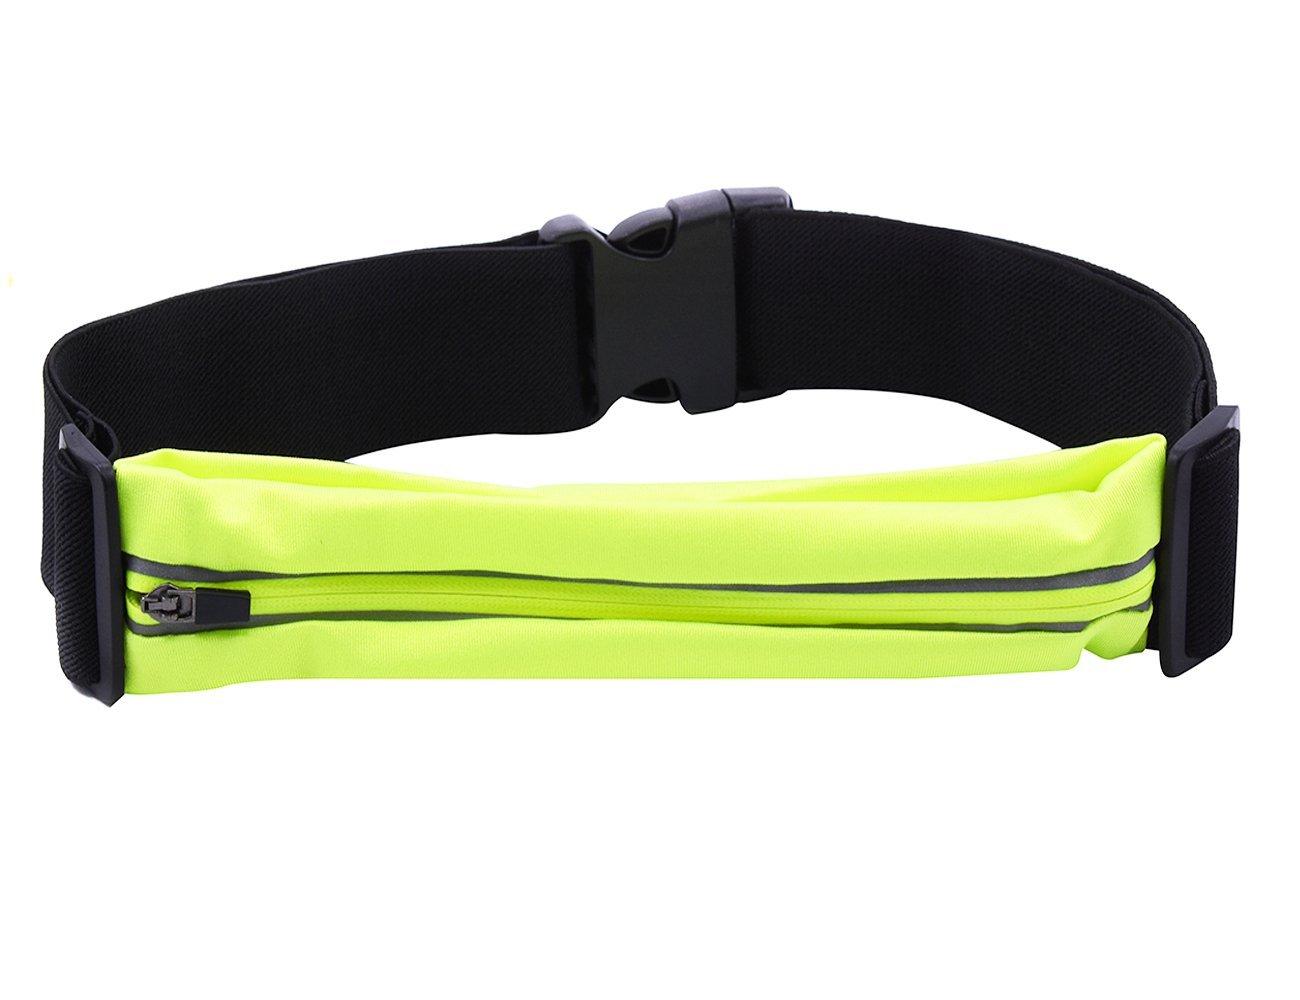 LEGERSFASHION Outdoor Flexible Running Fuel Belt & Fitness Workout Belt for Women and Men - Best Exercise Waist Pack - Sports Travel Money Belt - Fanny Pack Runner Safety Reflective Waist Belt